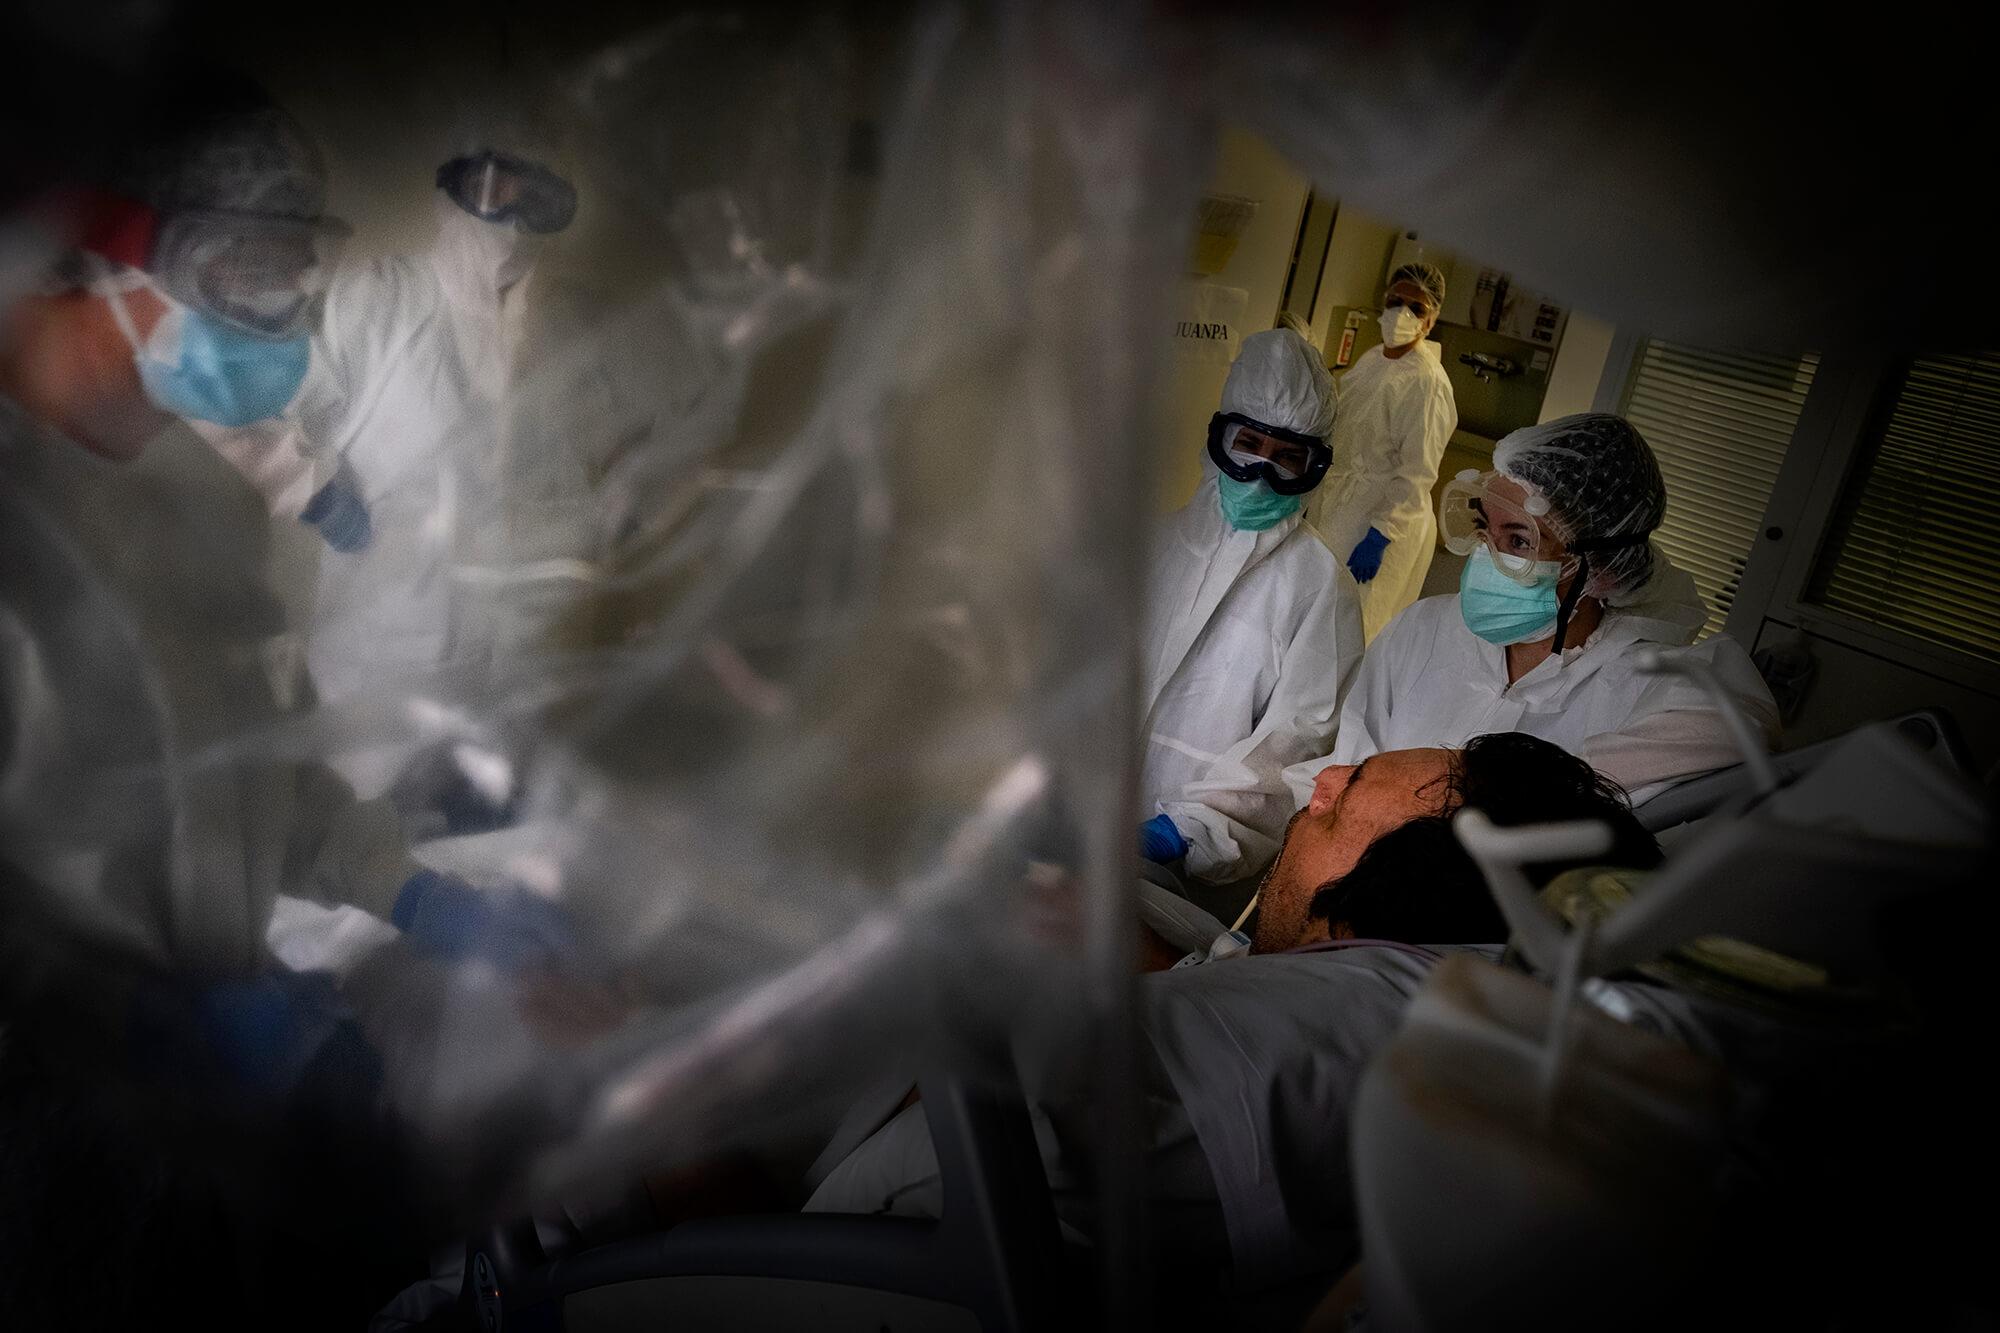 Professionals sanitaris, amb equips de protecció individual, tractant un pacient malalt de covid-19 en una UCI. Els joves també podien emmalaltir greument.